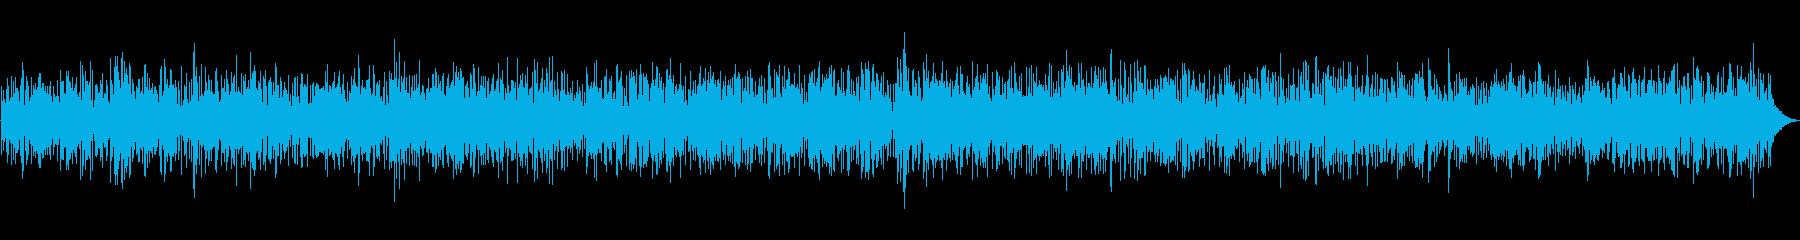 お洒落なカフェで流れるジャズピアノの再生済みの波形